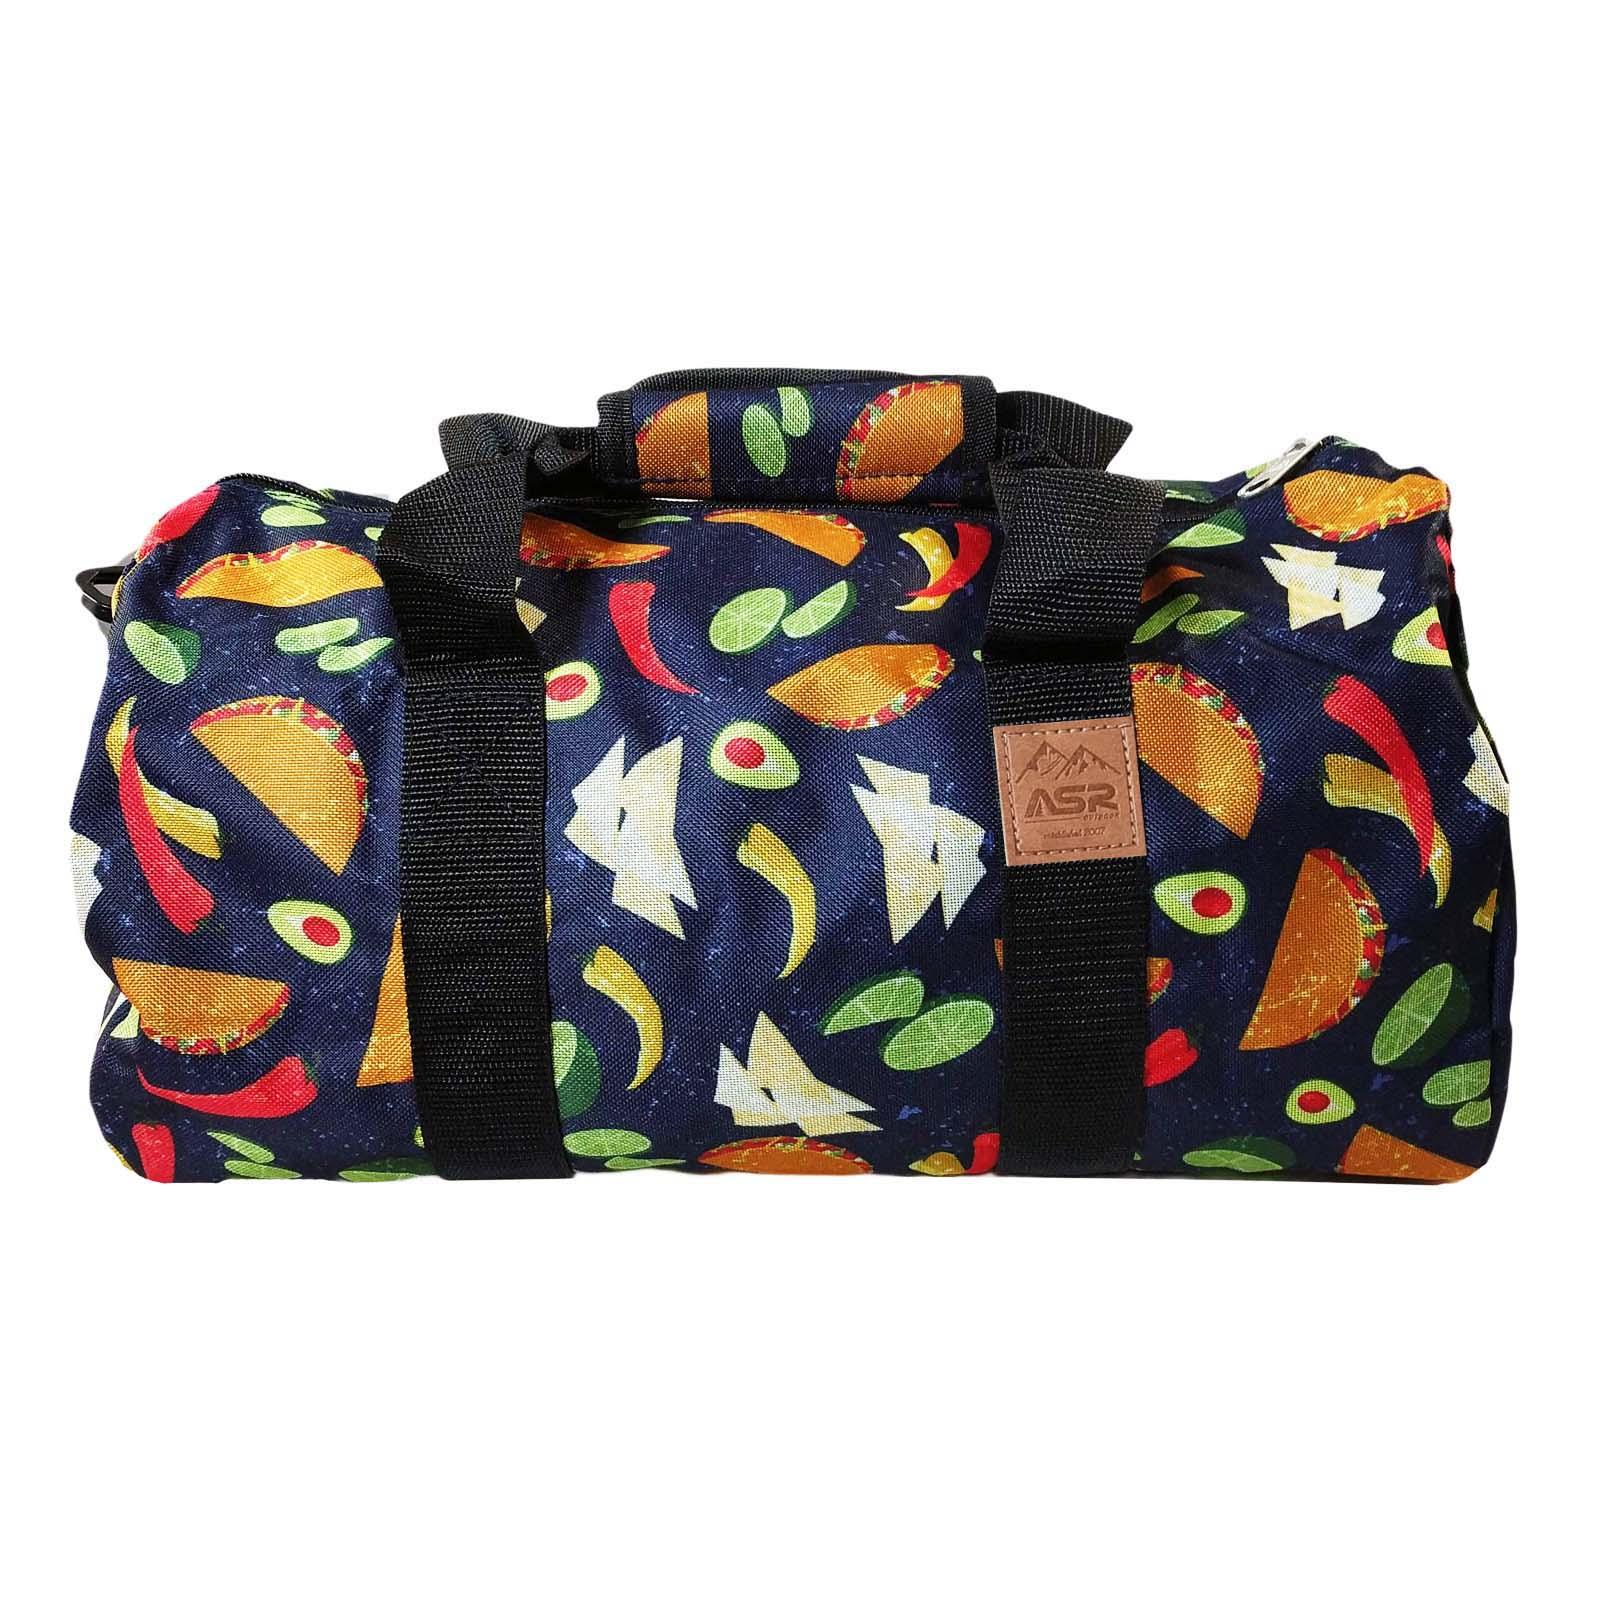 ASR Outdoor Tacos Pattern Duffel Bag Shoulder Strap Blue